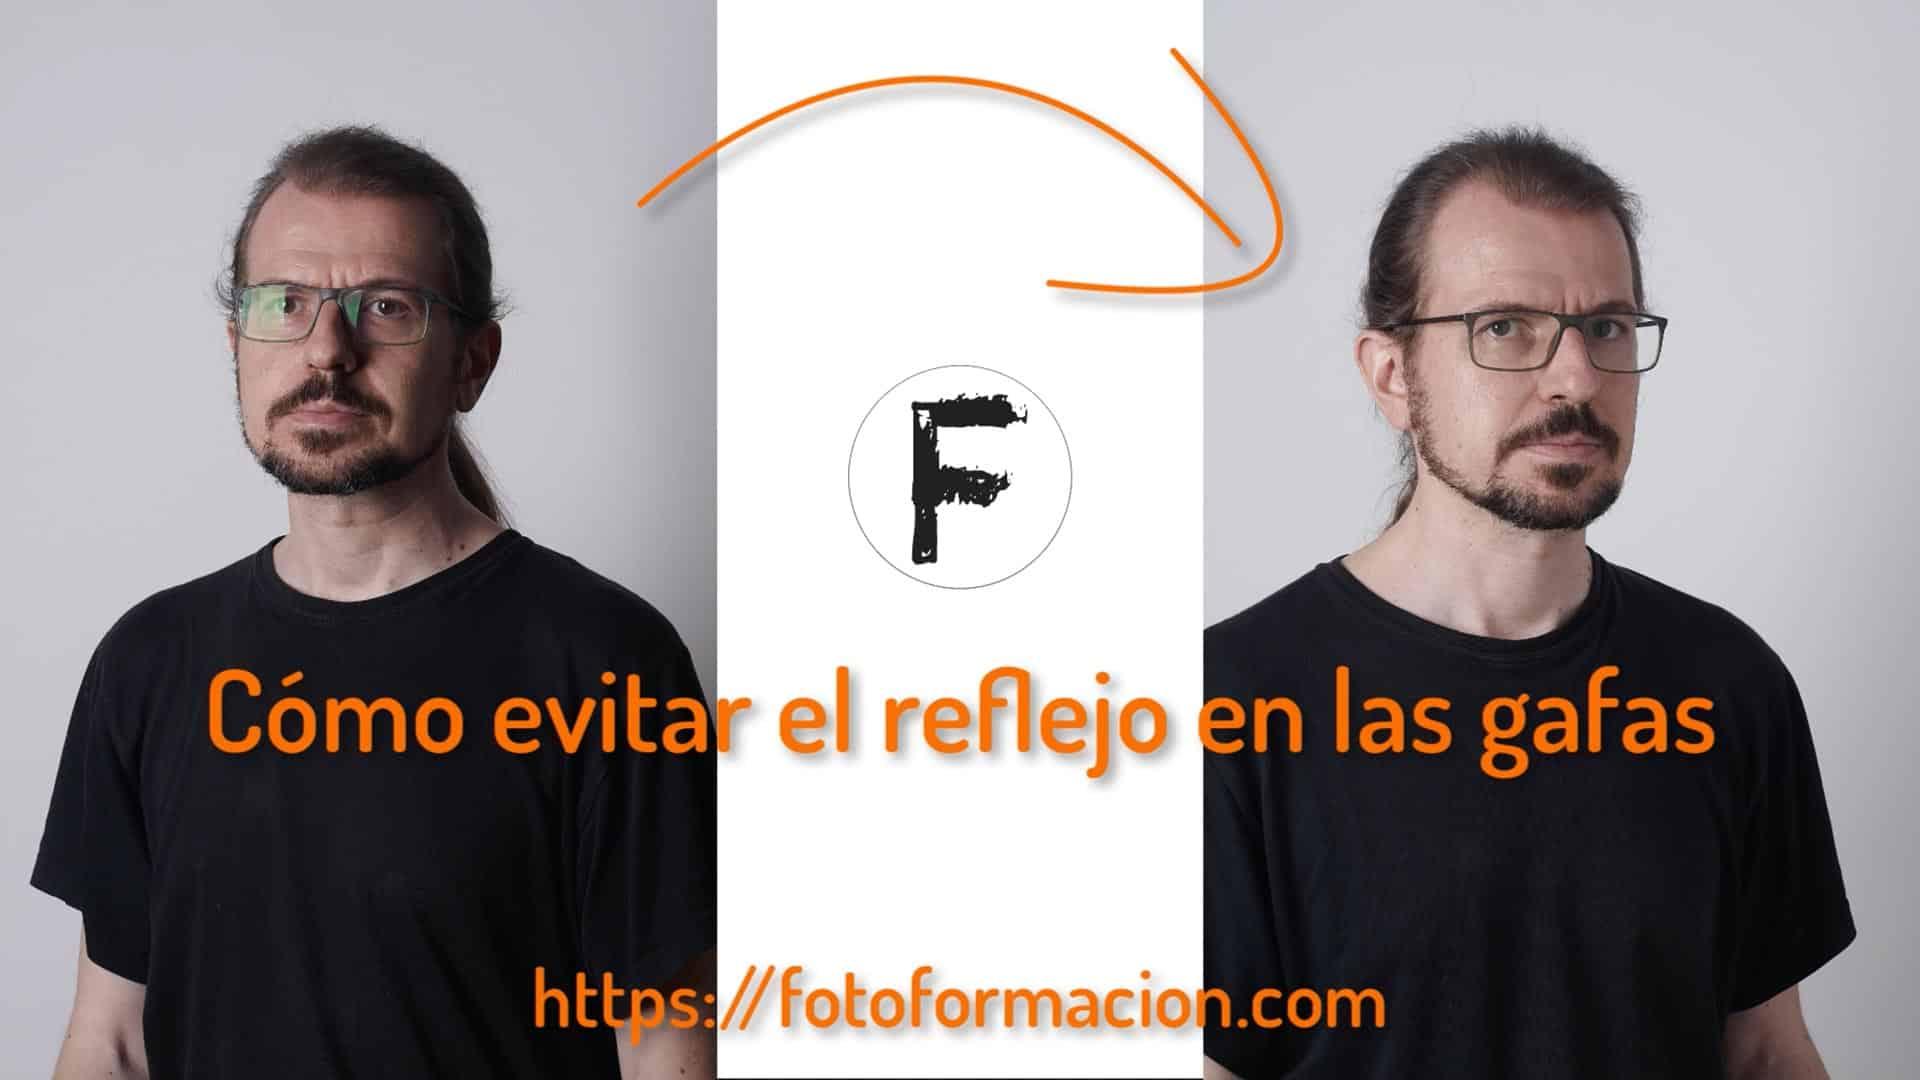 Retrato: Cómo evitar el reflejo en las gafas